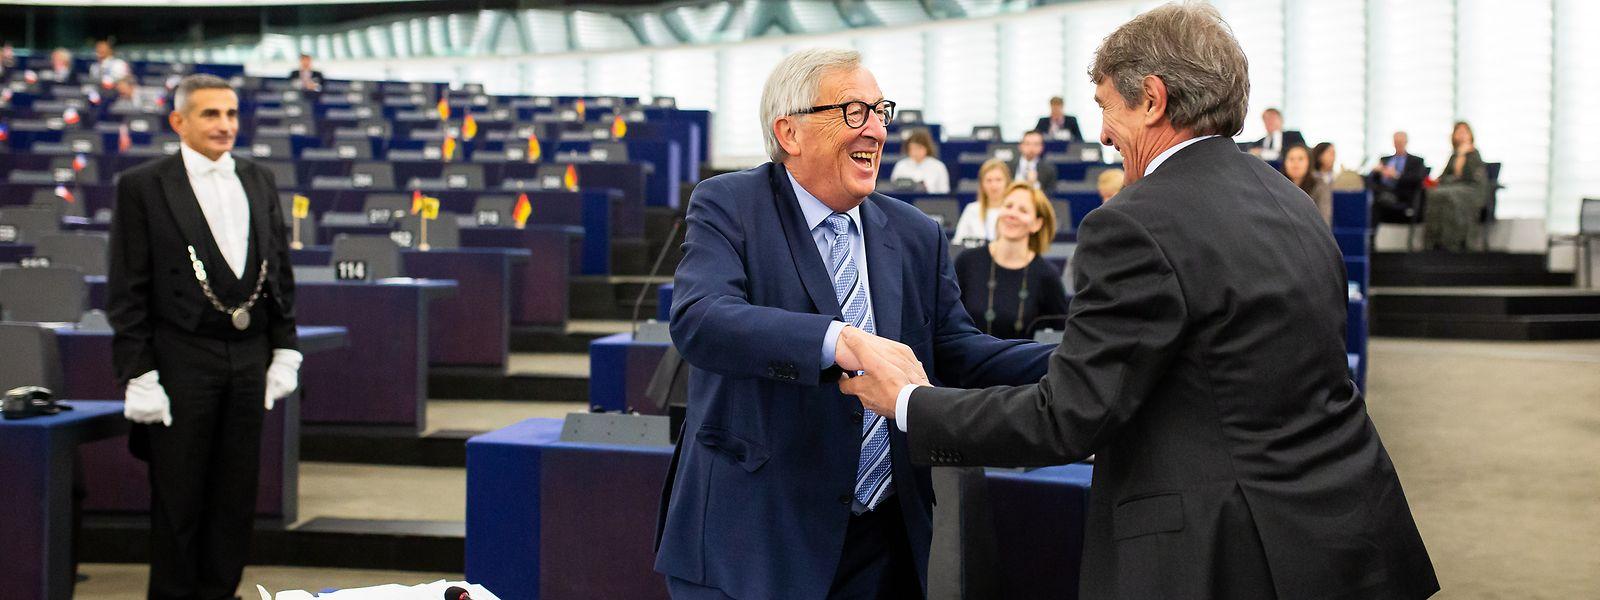 Mille grazie: Der Präsident der EU-Kommission, Jean-Claude Juncker (m.), wird am Dienstag von David Sassoli, Präsident des Europäischen Parlaments, begrüßt.